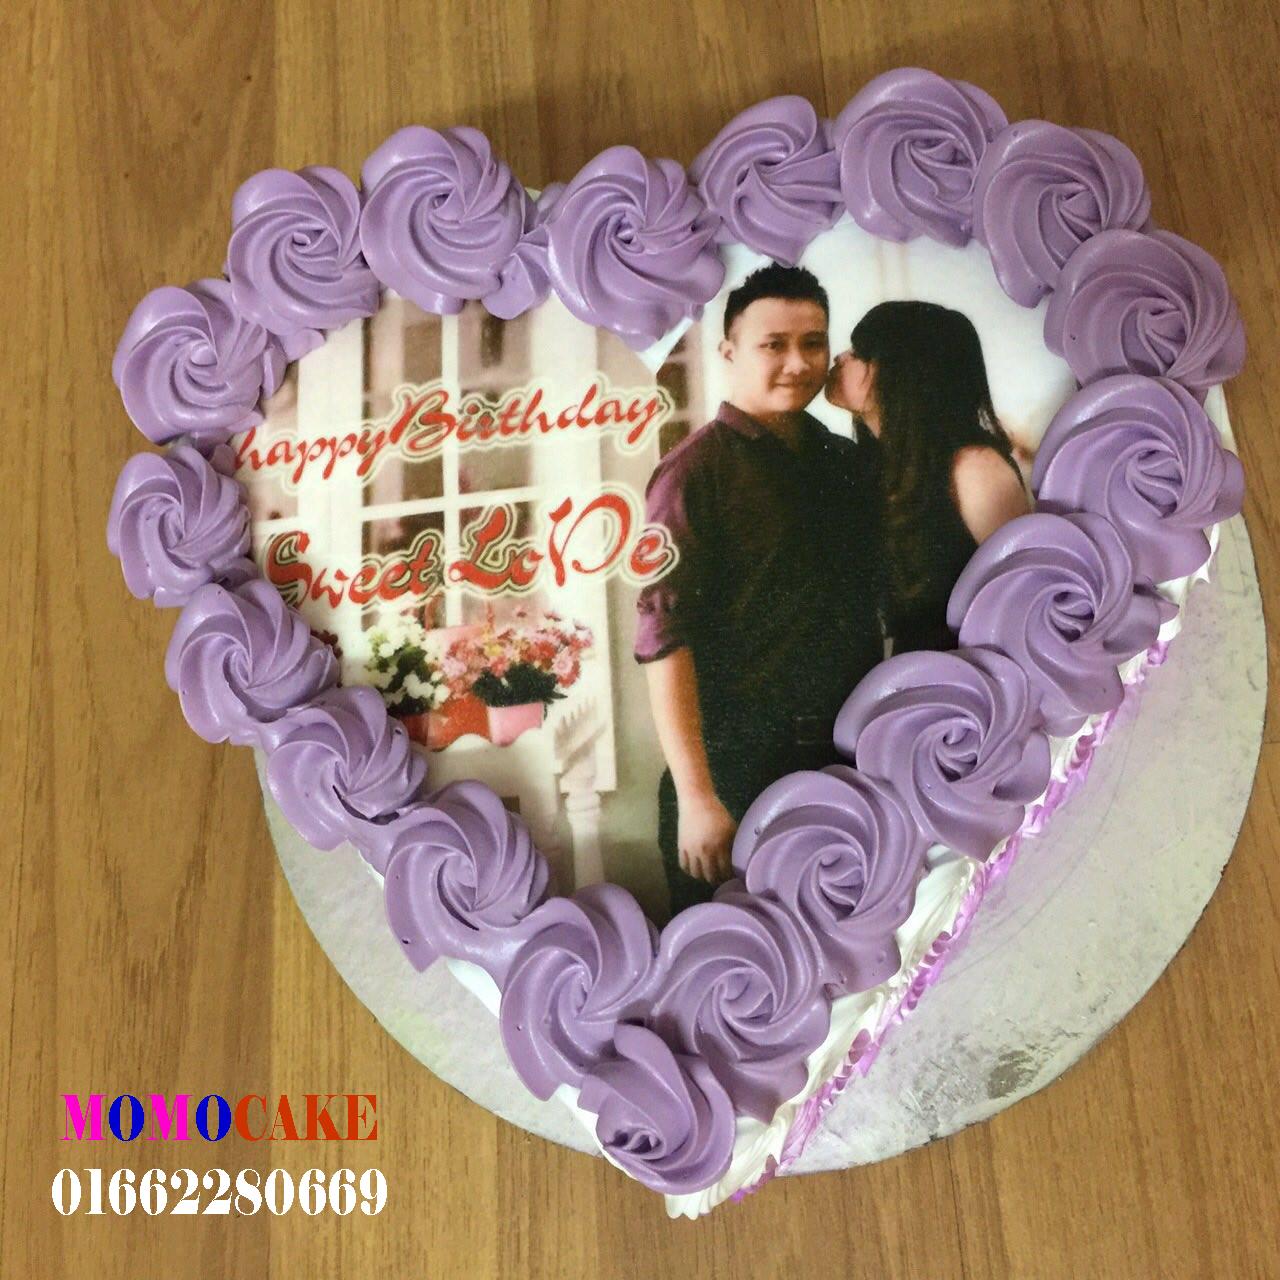 Bánh sinh nhật in ảnh dành cho nam | Bánh sinh nhật in ảnh - Bánh in ảnh ăn được, hương vị hấp dẫn